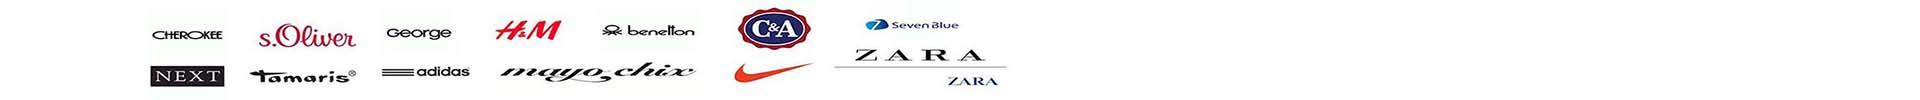 Next, Geox, Mango, Zara, cherokee, S oliver márkás gyerekruha